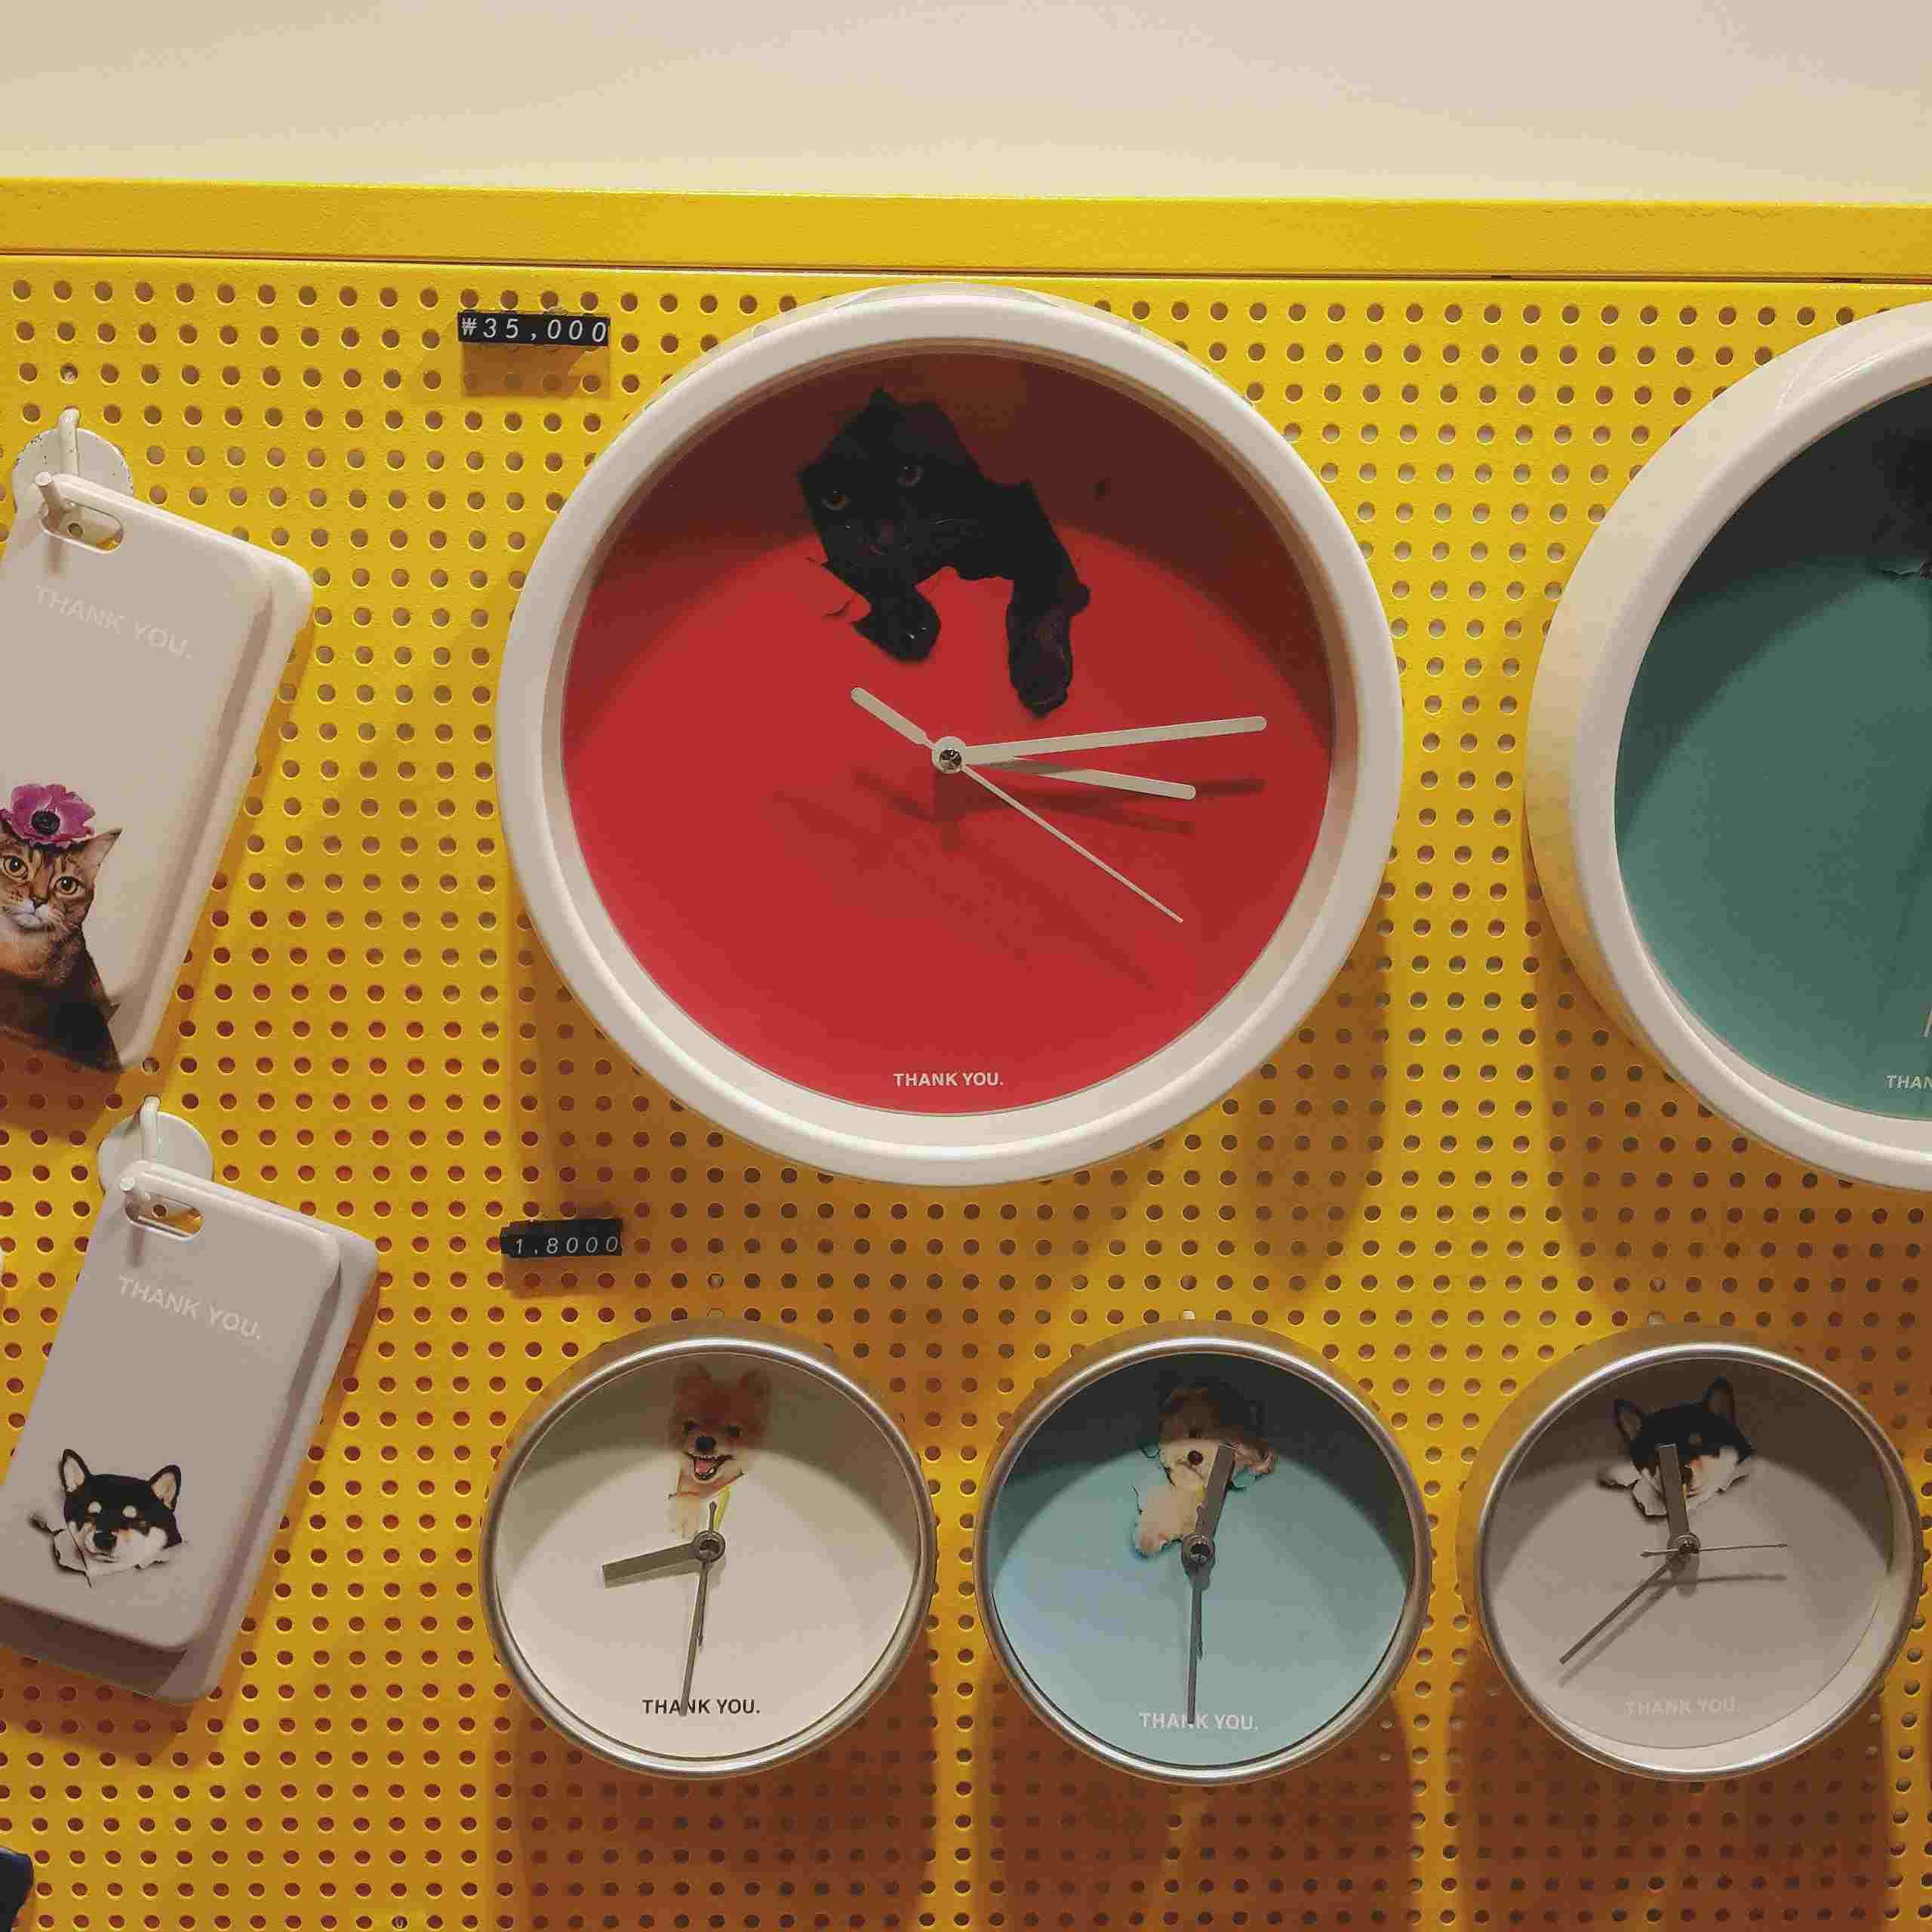 甚至連時鐘也有啊!小動物們都超級可愛的~